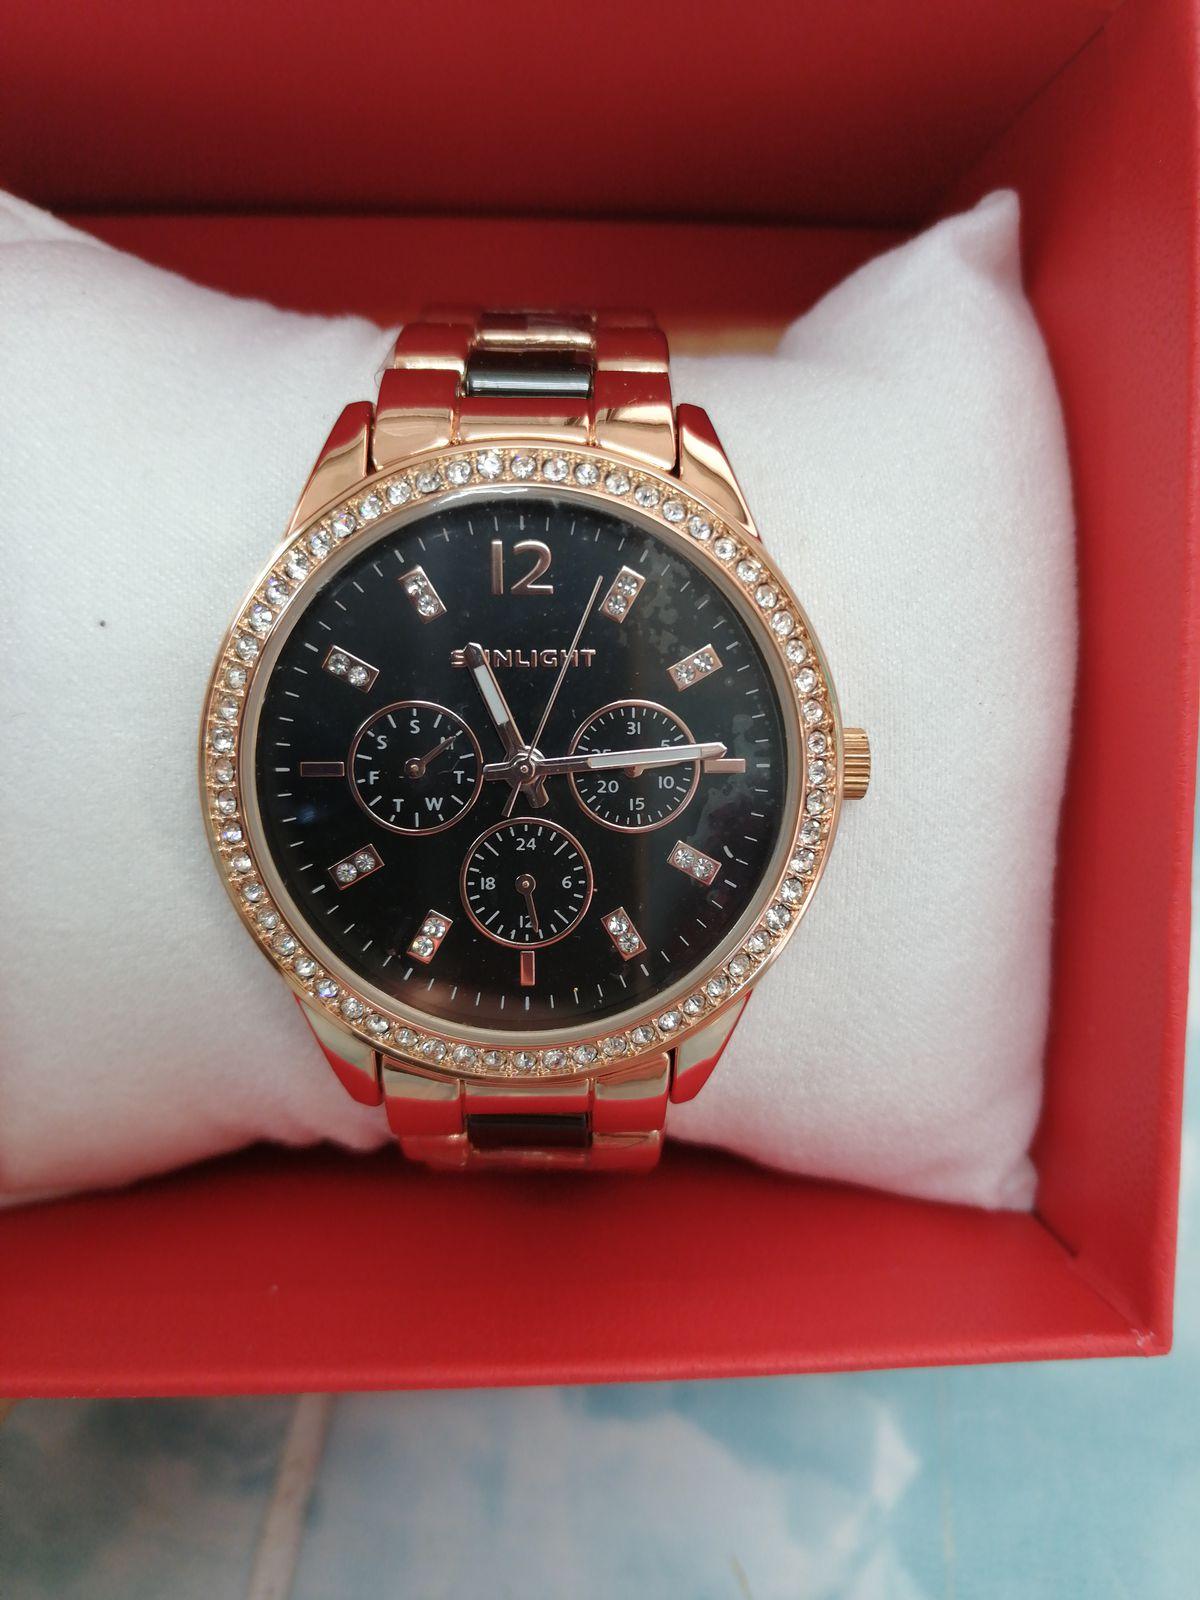 Лучшие часы, очень красивые и изящные. Подойдут любой даме, рекомендую всем